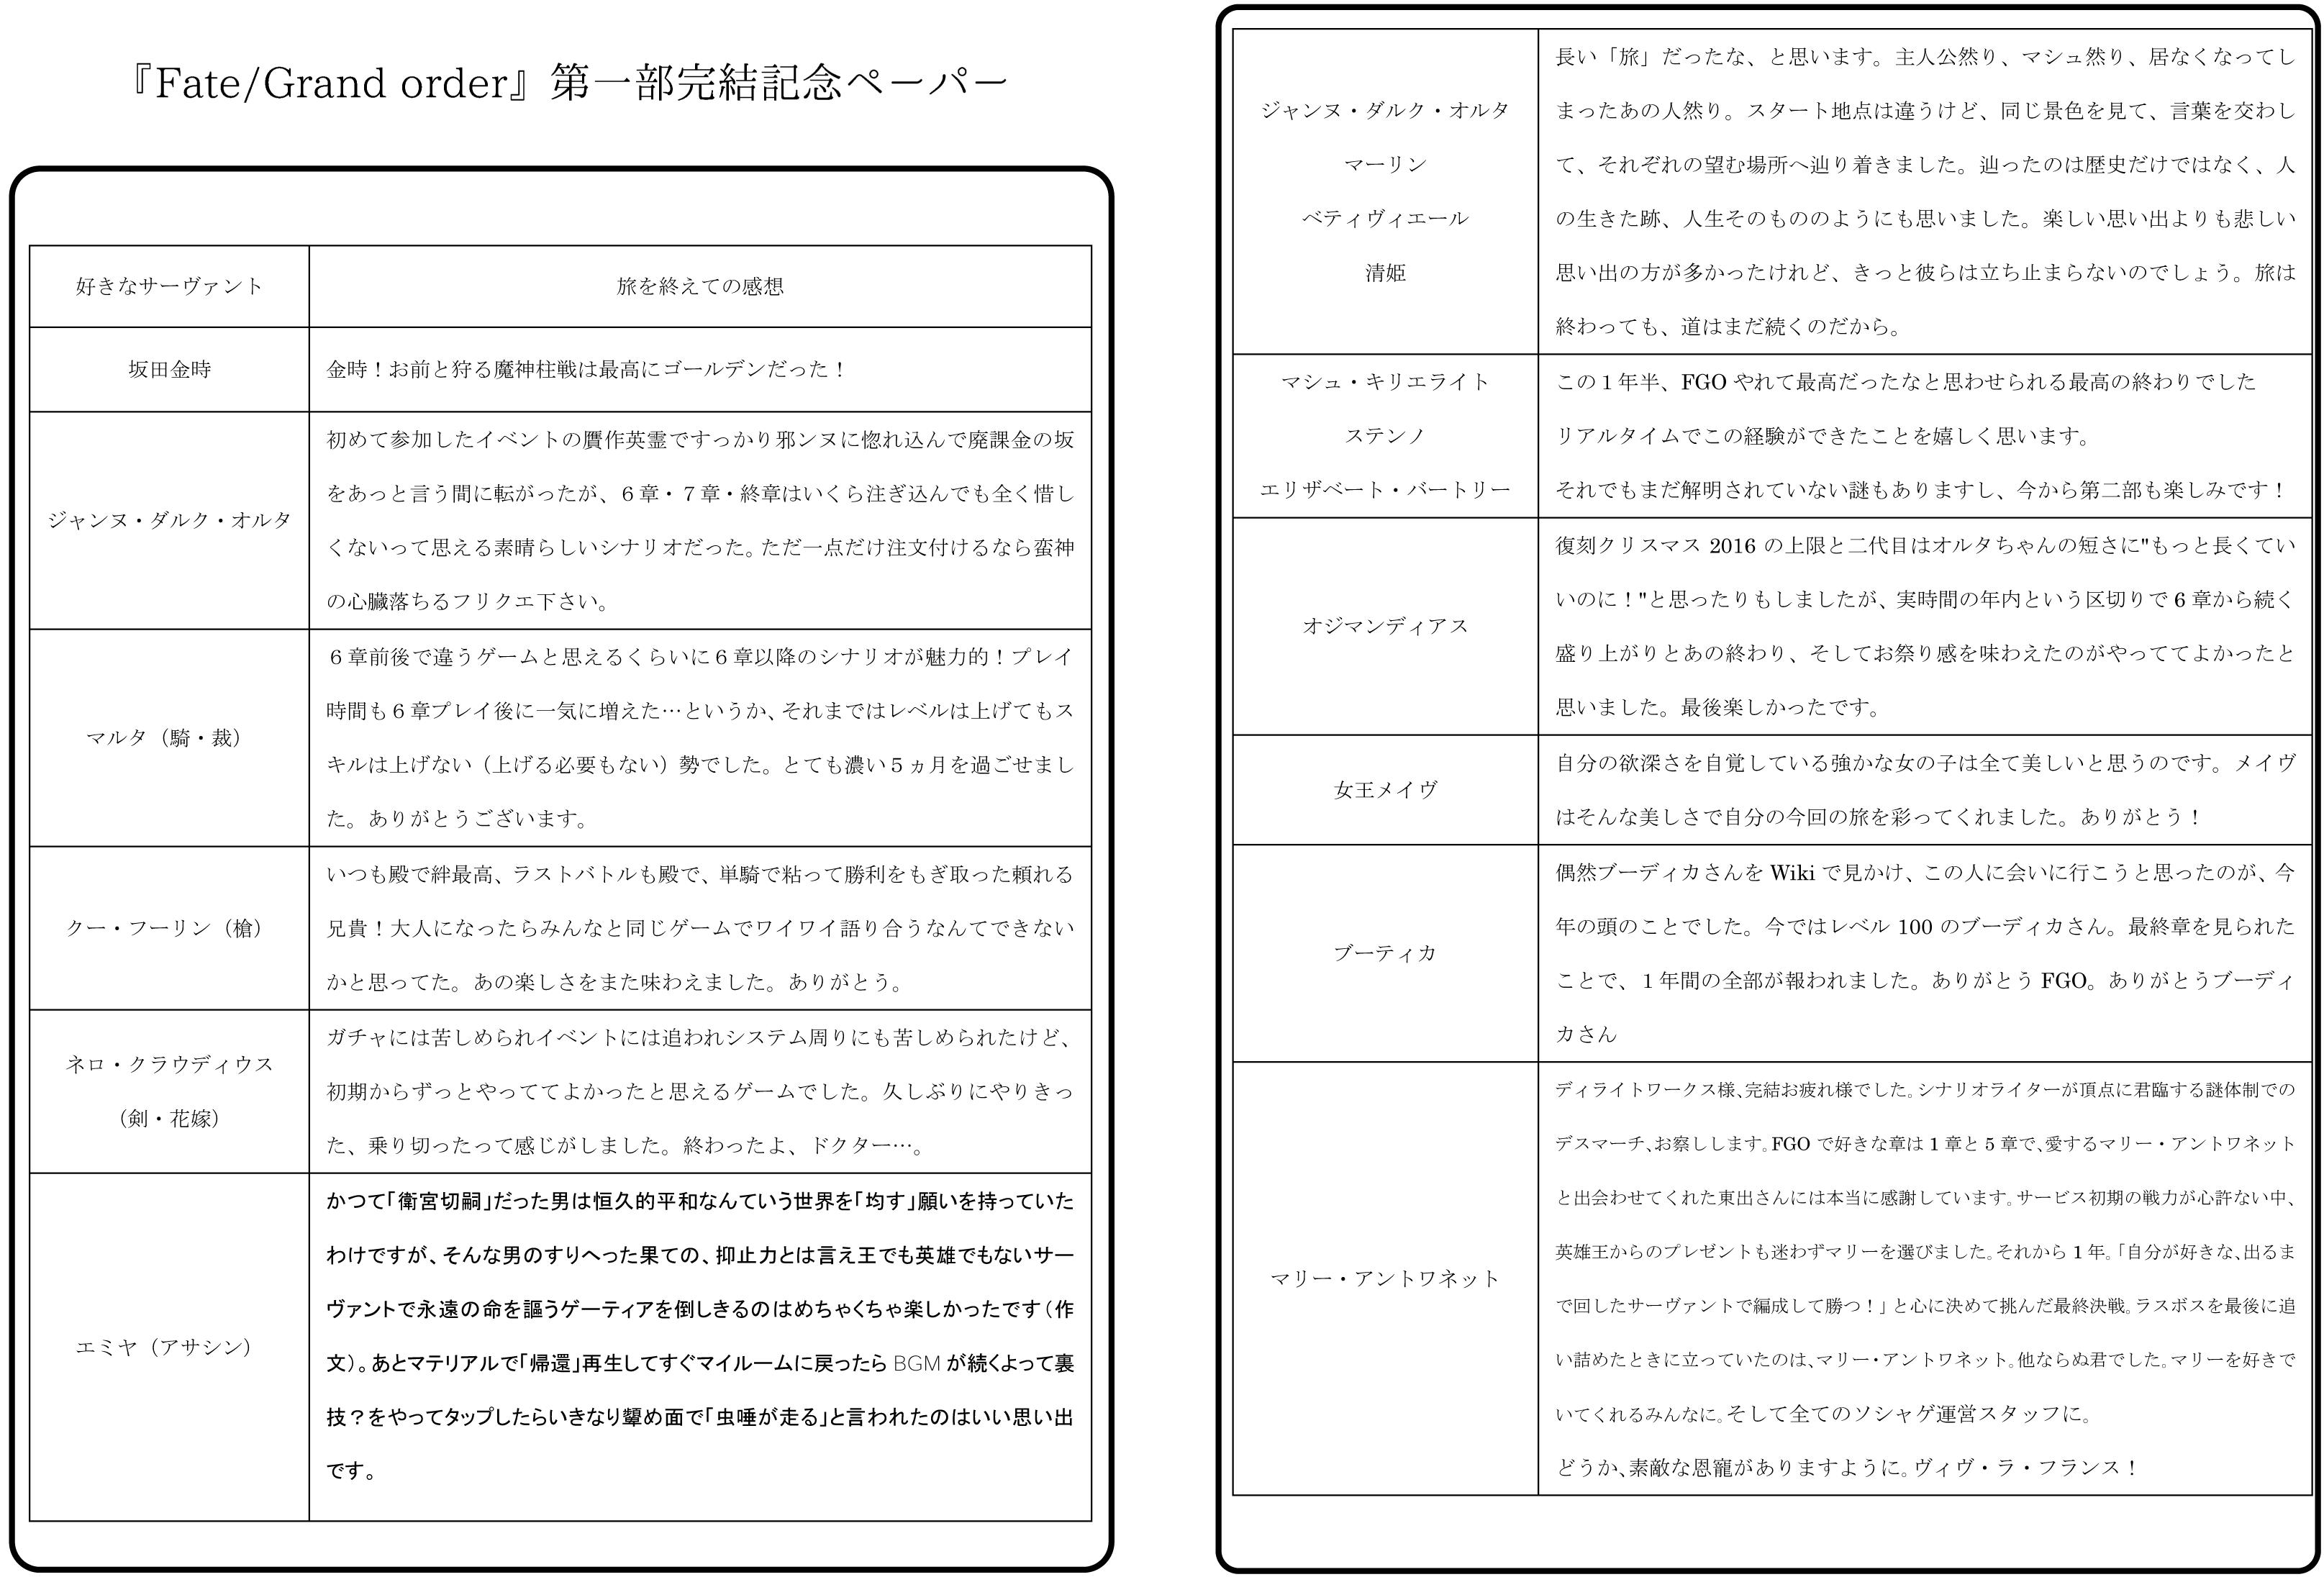 FGO配布ペーパー